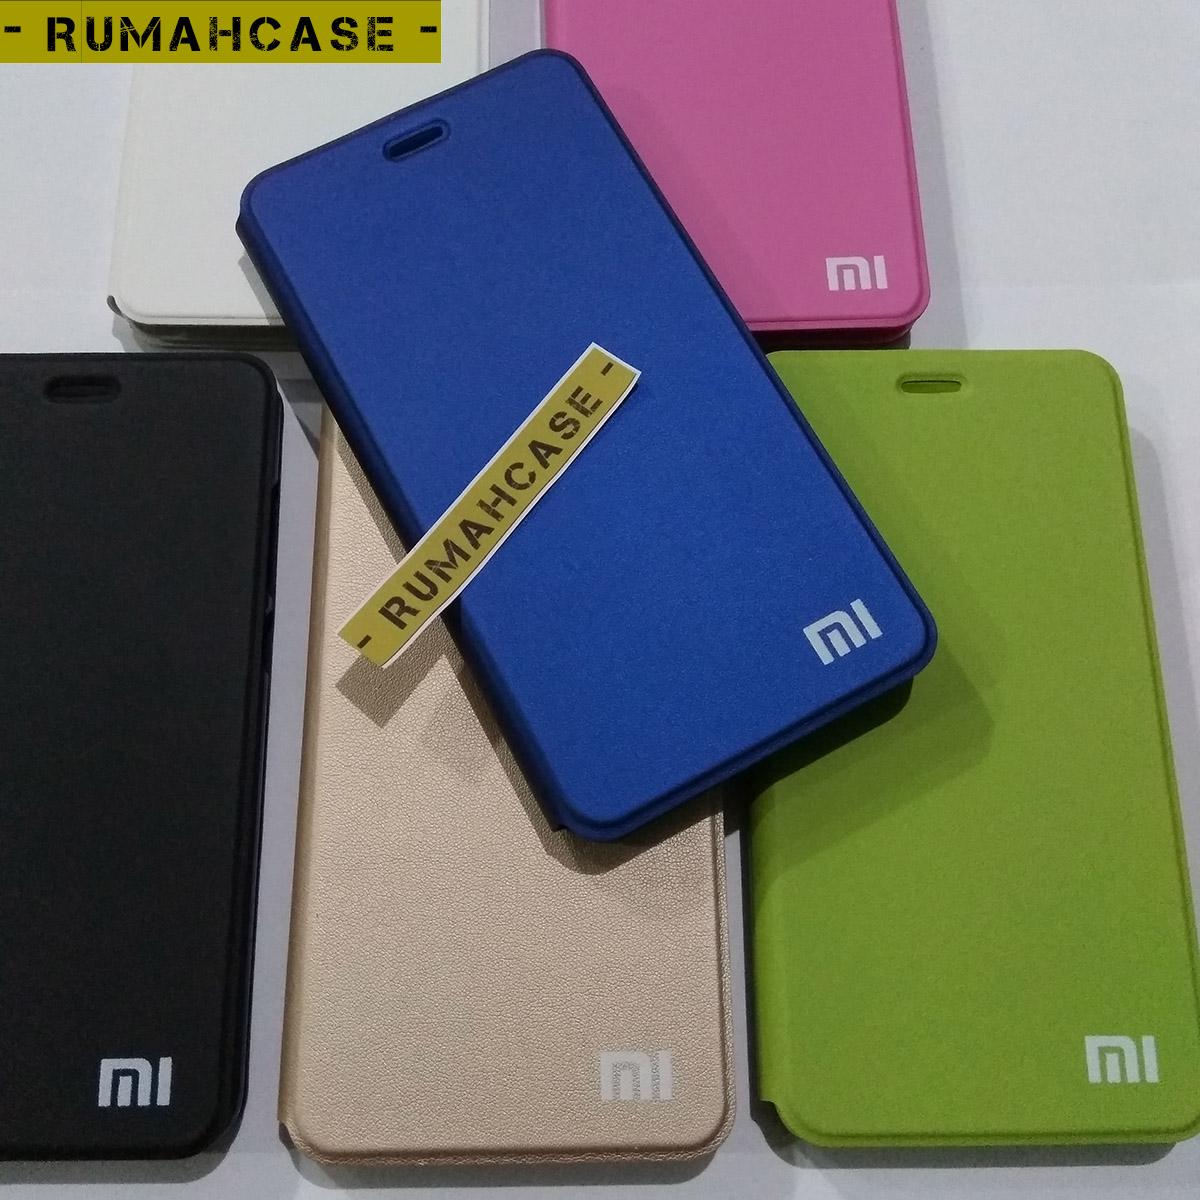 brand new d56fa 3a64e Jual Xiaomi Redmi Note 4 Flip Case Casing Cover MI LOGO Model ...